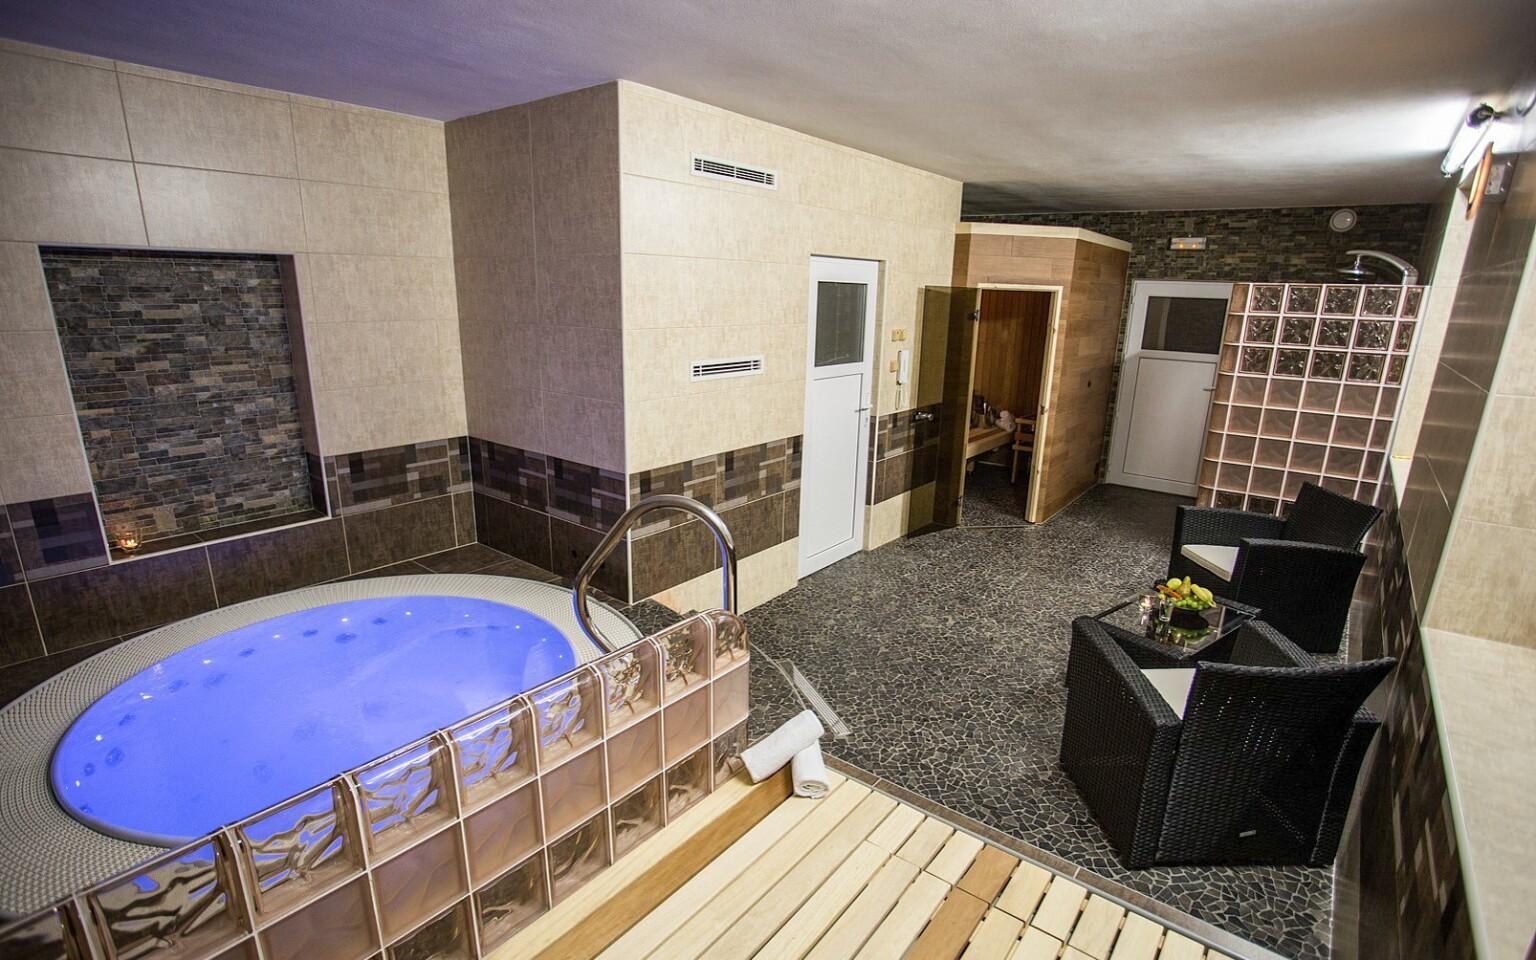 Privátní wellness, vířivka, Hotel Bon, Tanvald, Jizerky